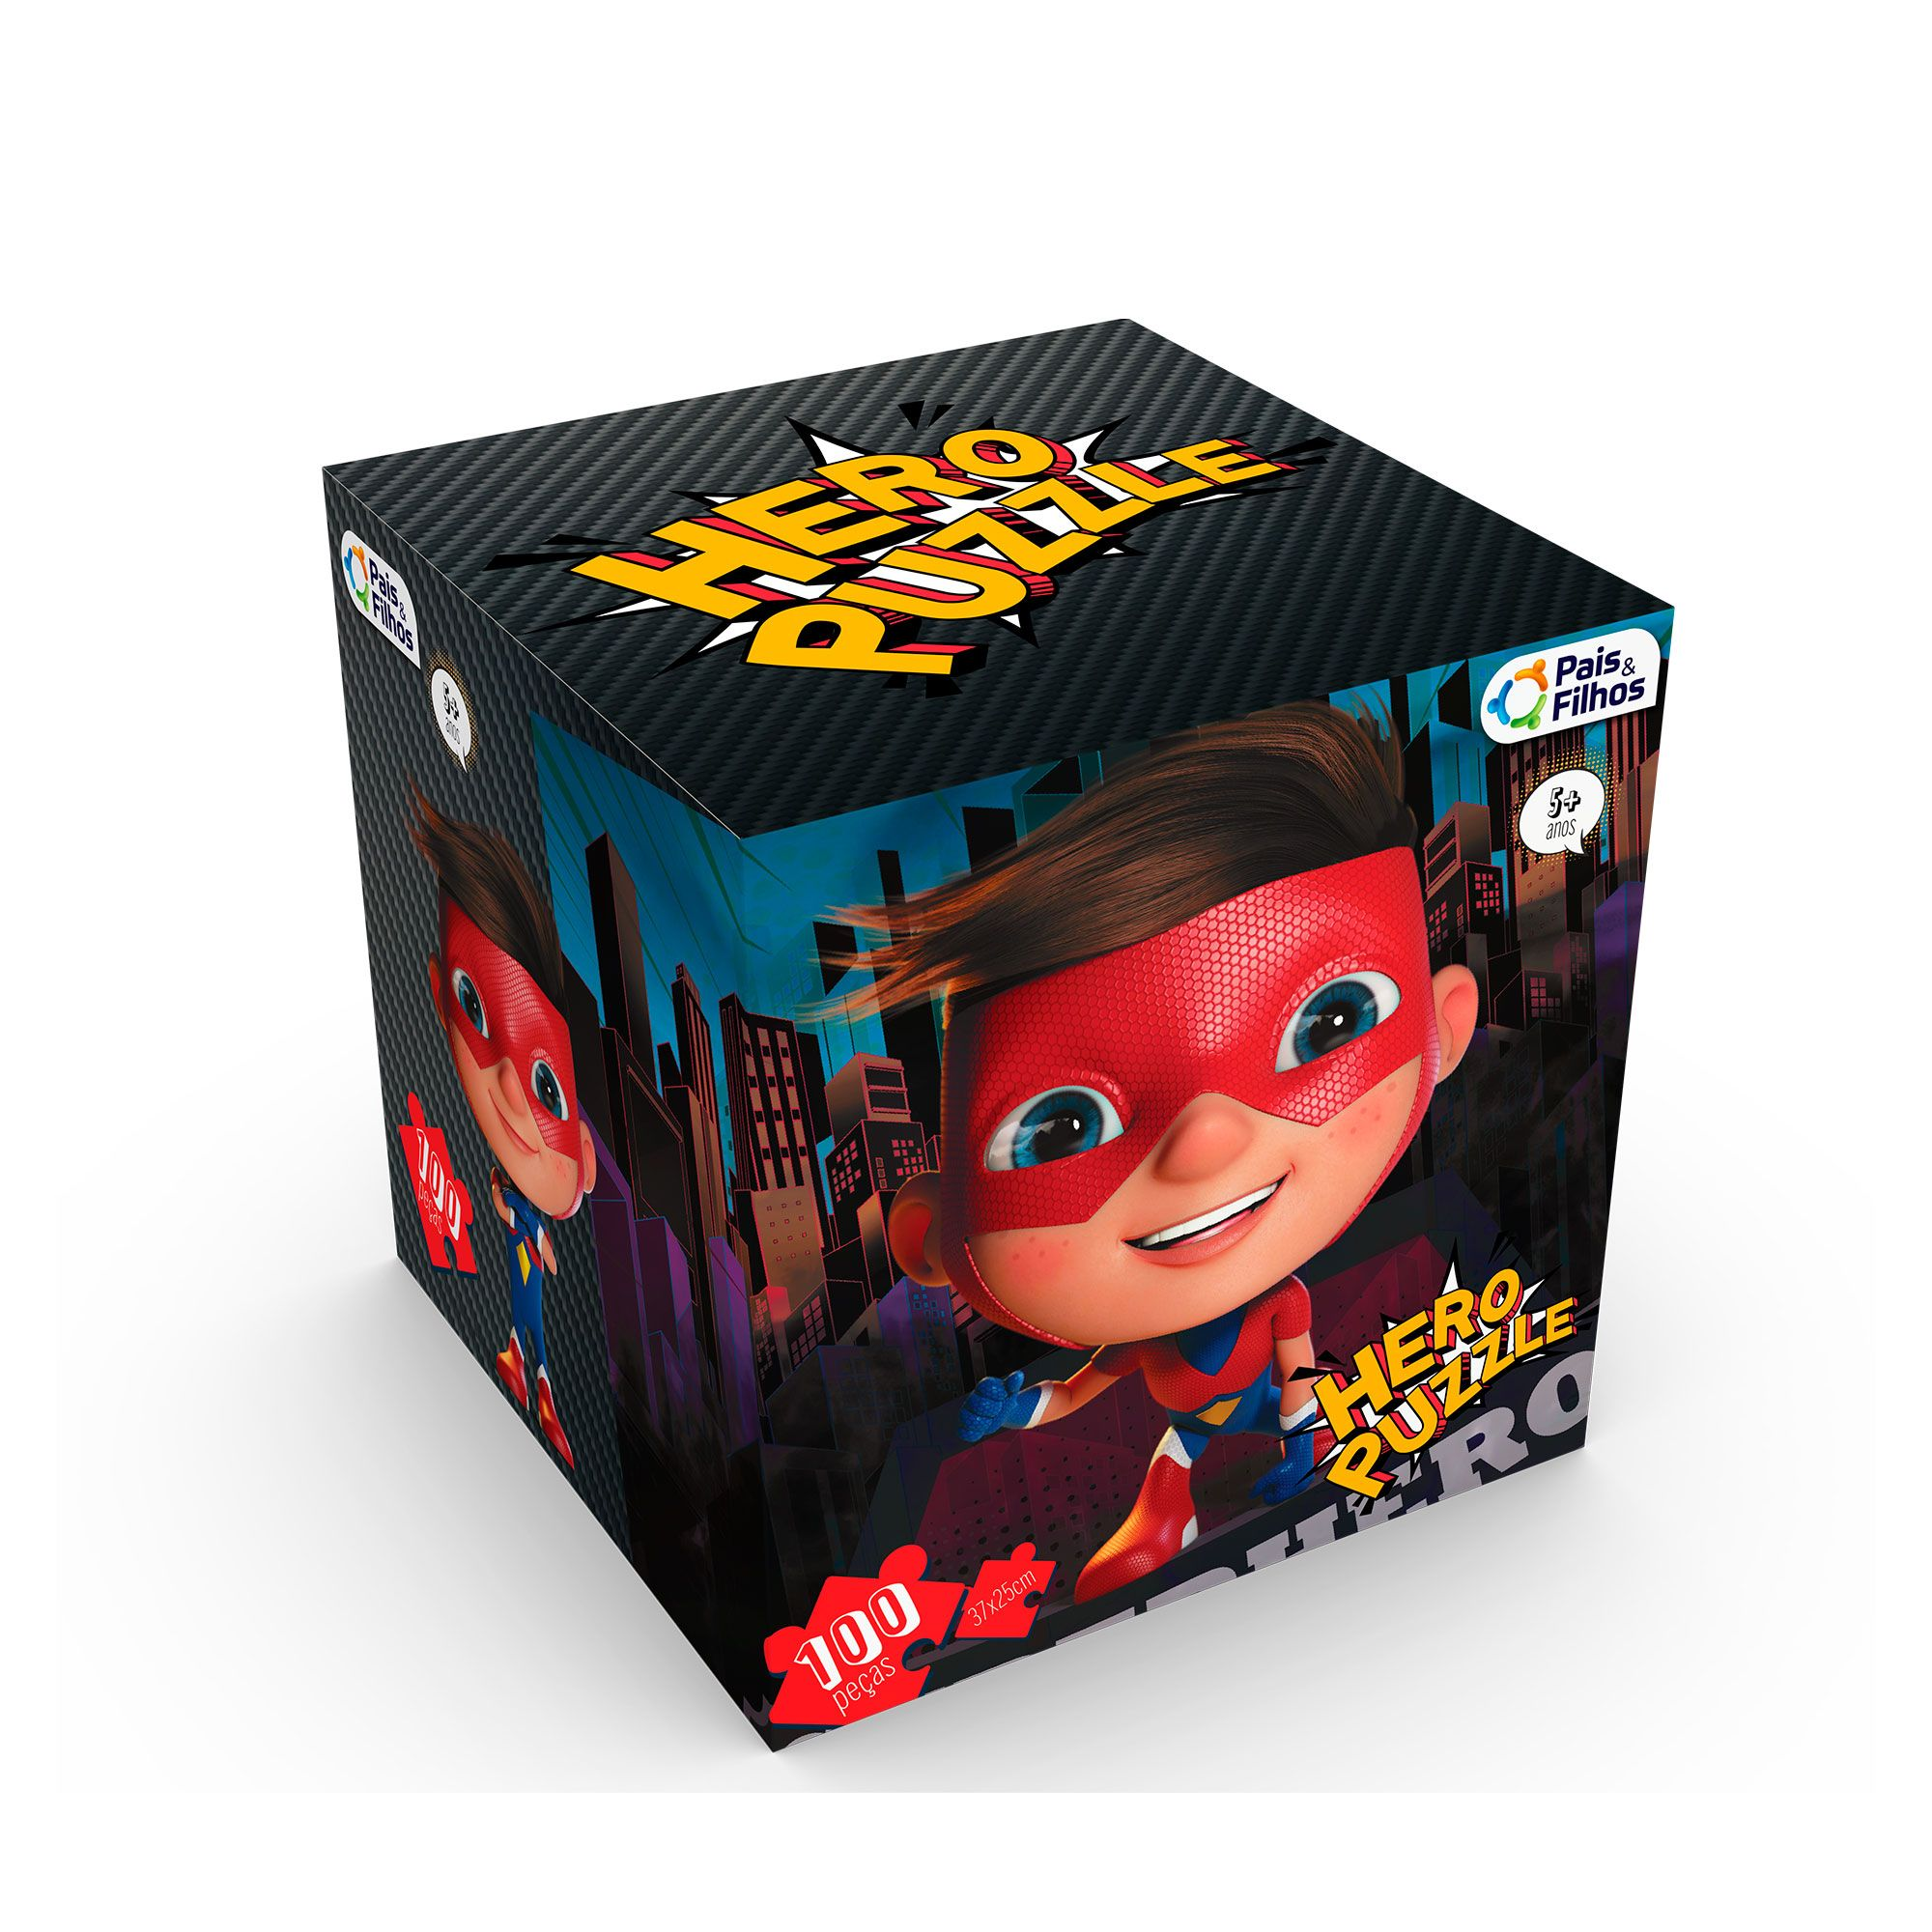 Quebra-Cabeça Herói cubo com 100 peças-0979